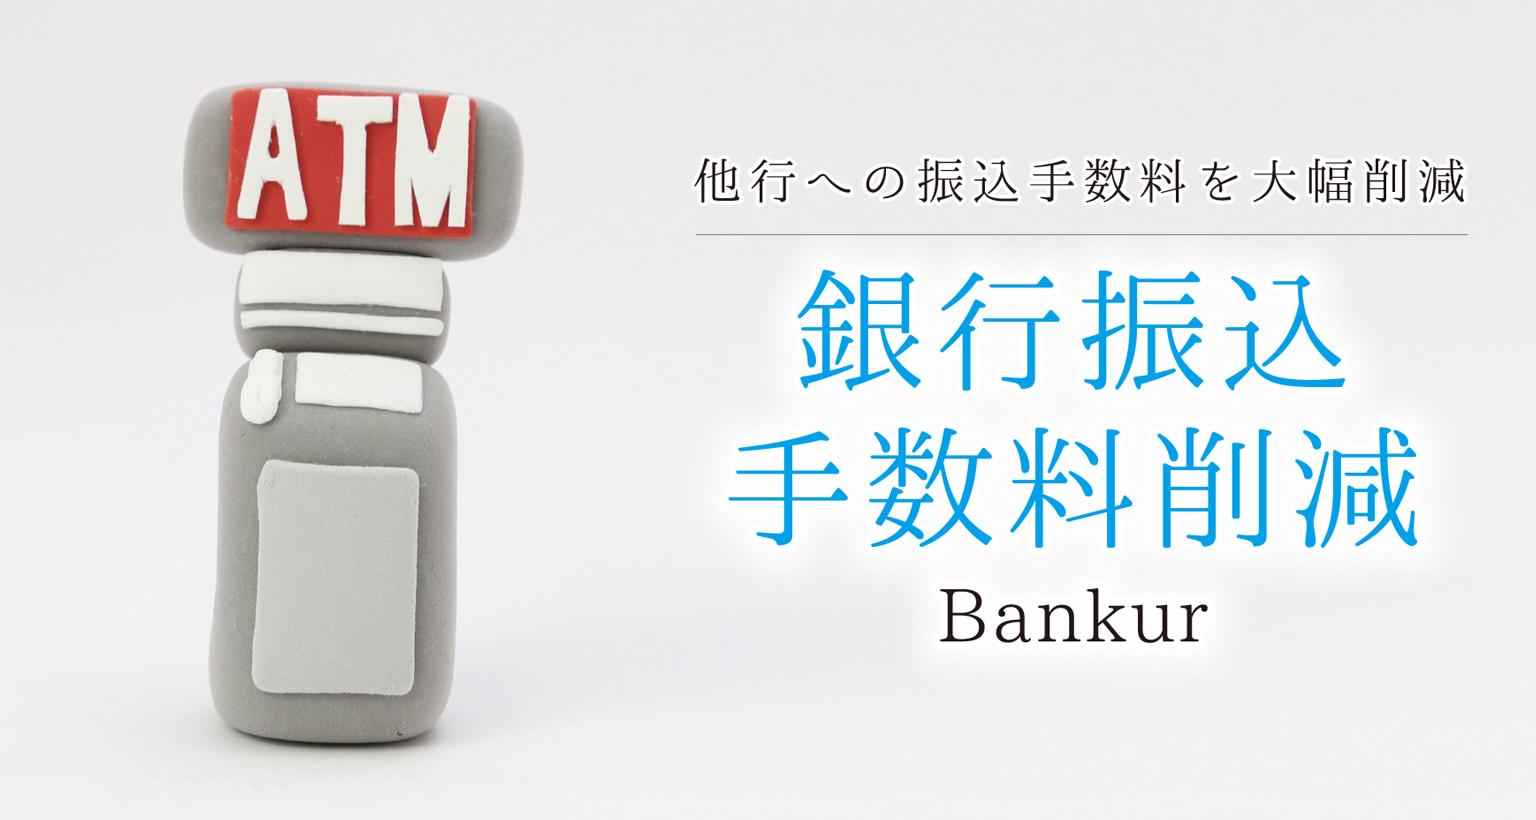 銀行振込手数料経費削減